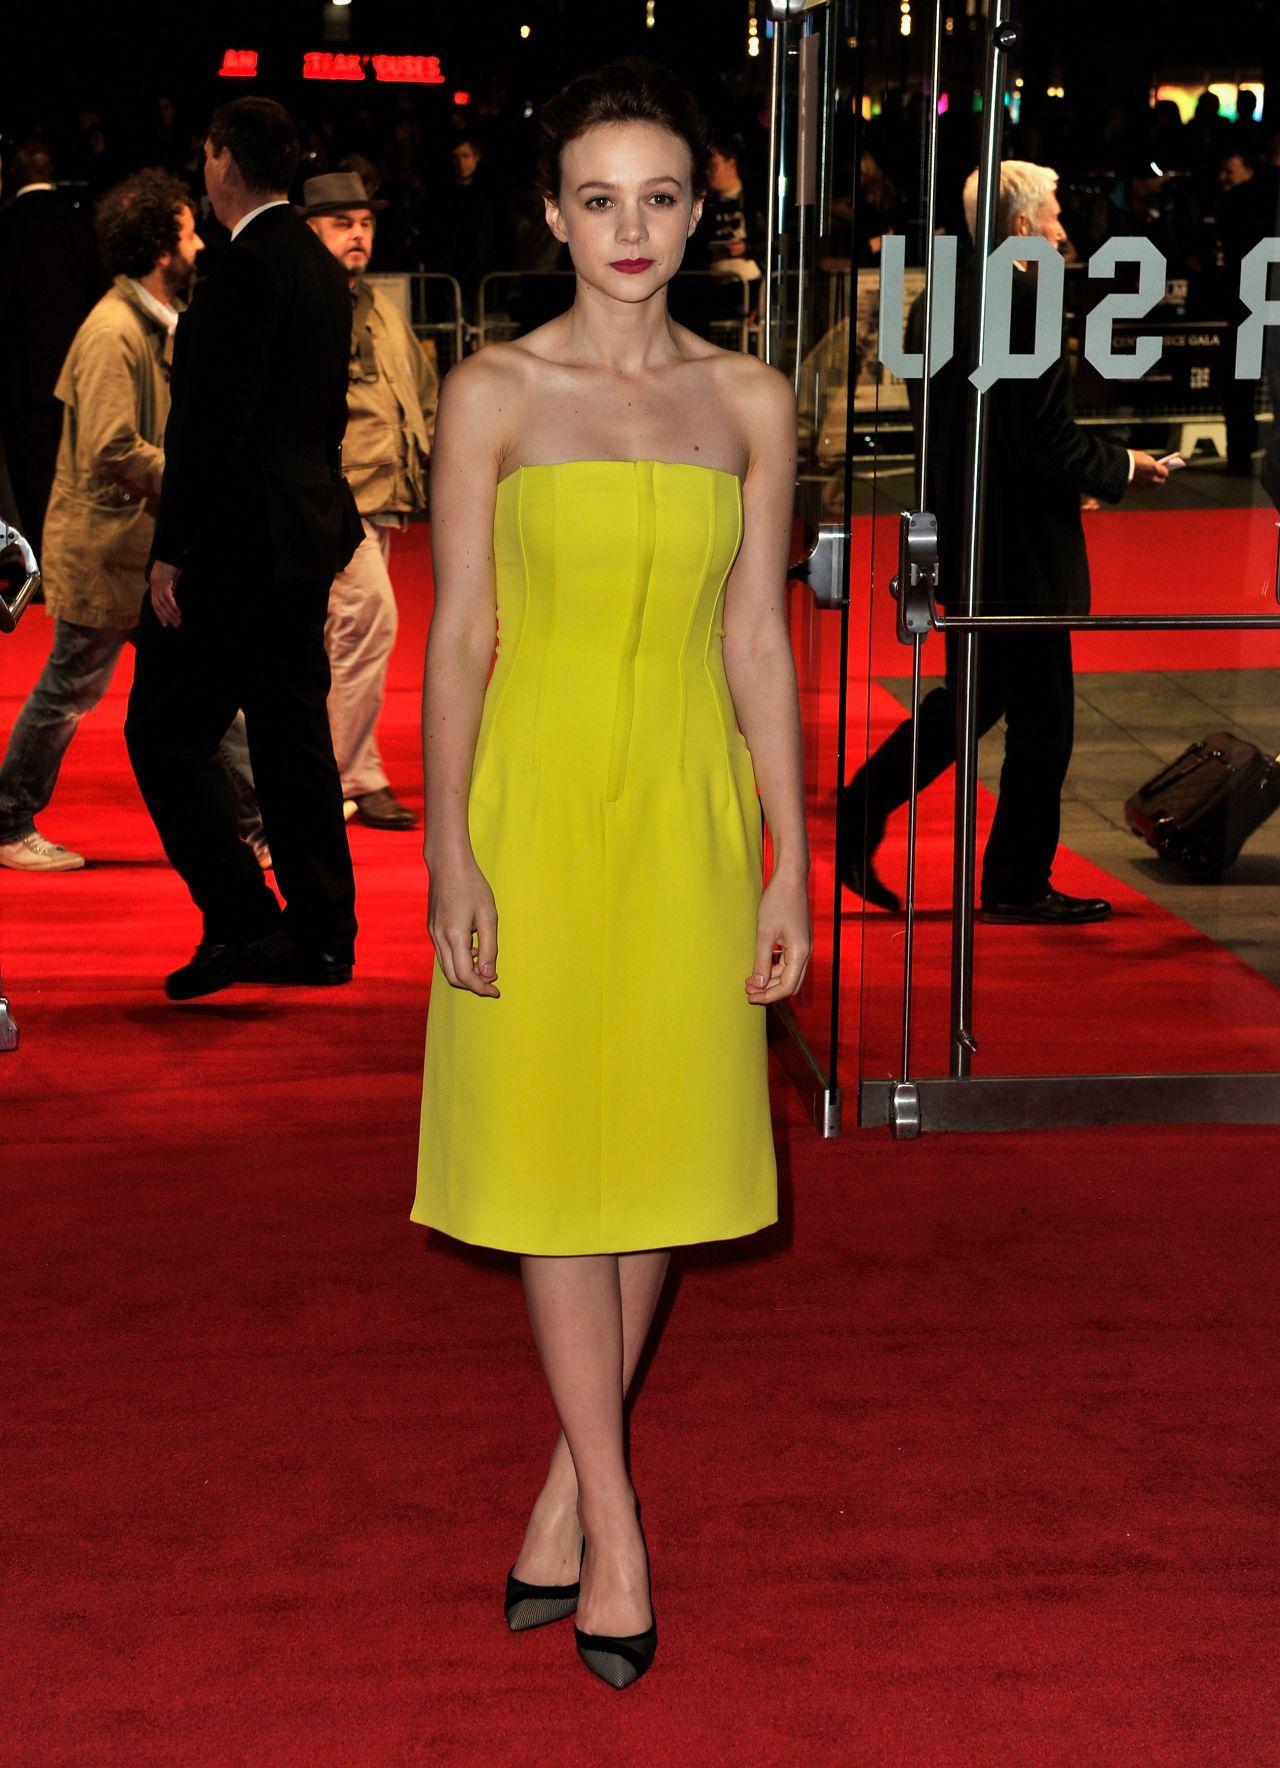 Carey Mulligan - 'Inside Llewyn Davis' Red Carpet